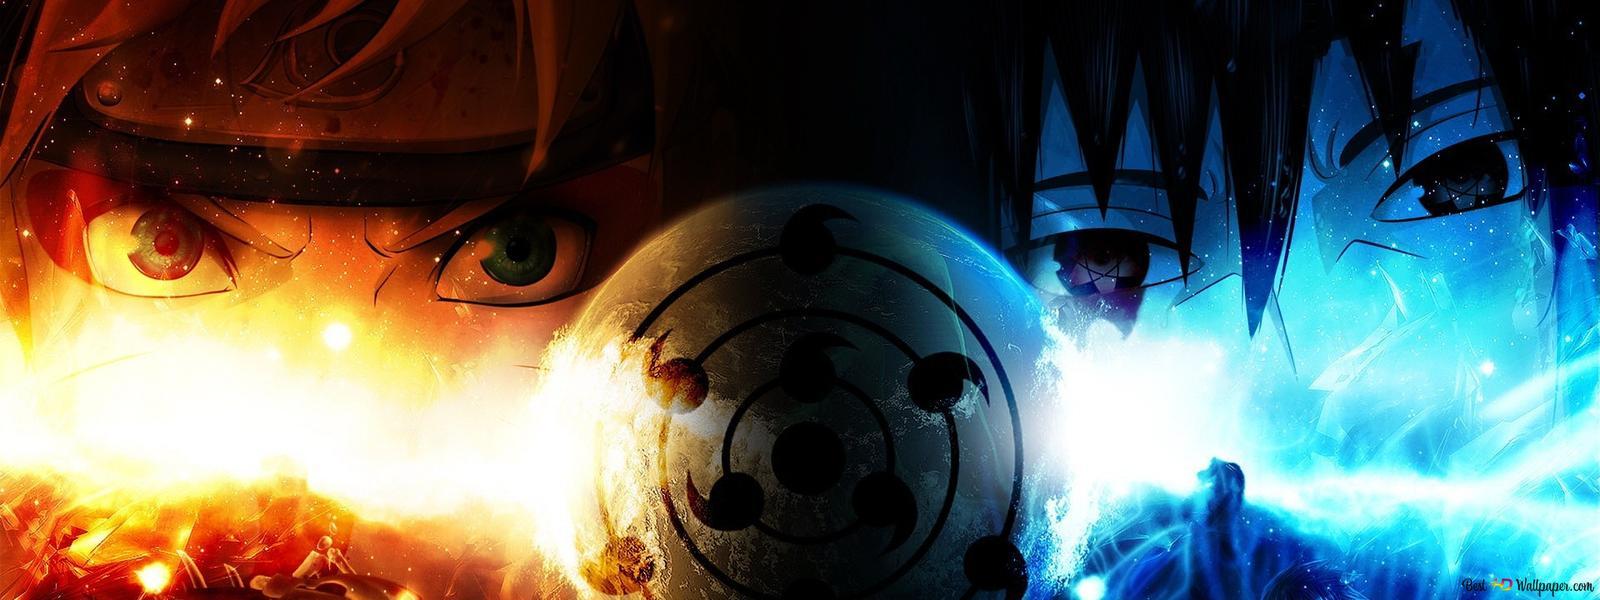 Naruto Sasuke Hd Wallpaper Download